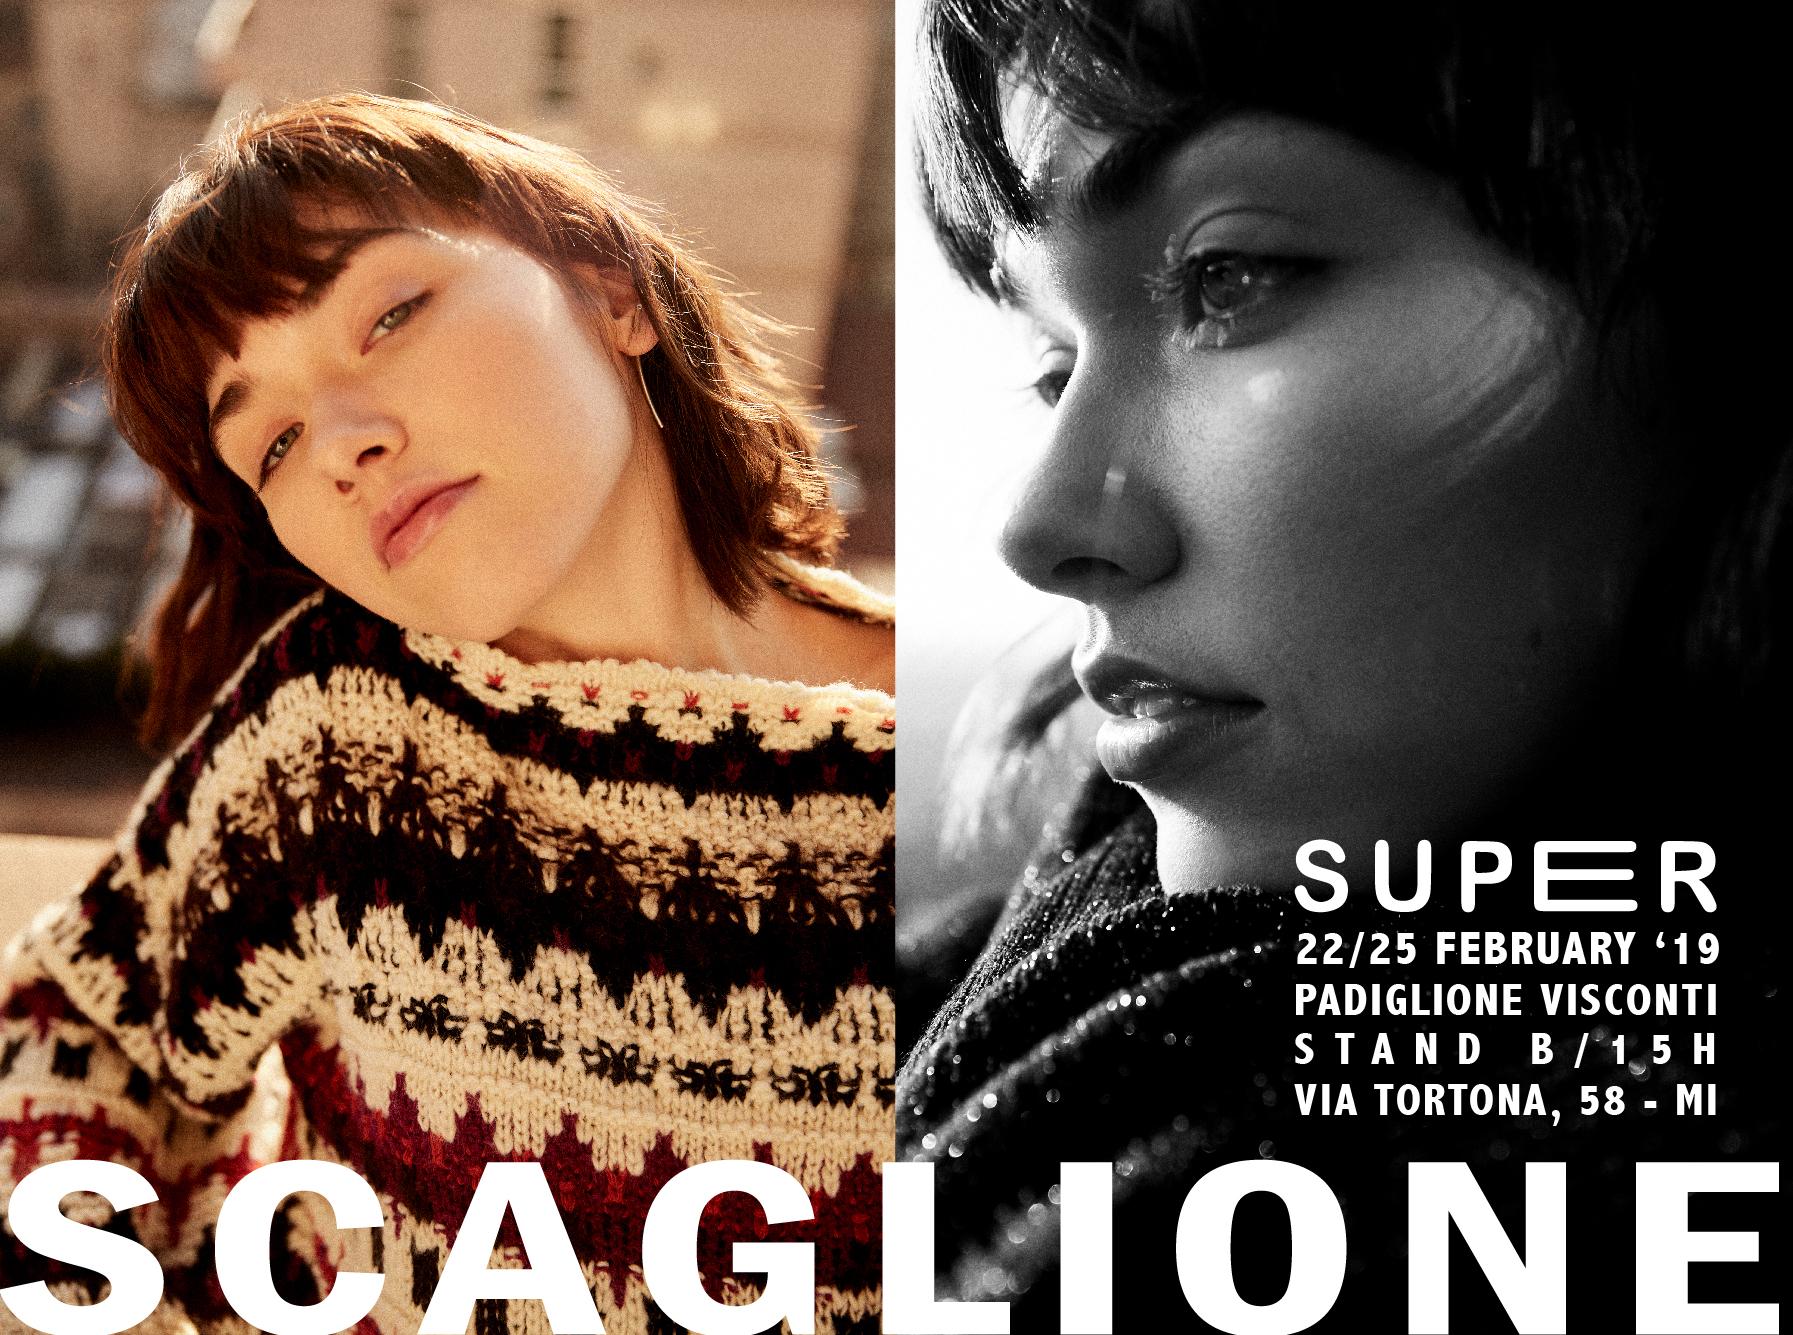 Invito Super Scaglione-01.jpg